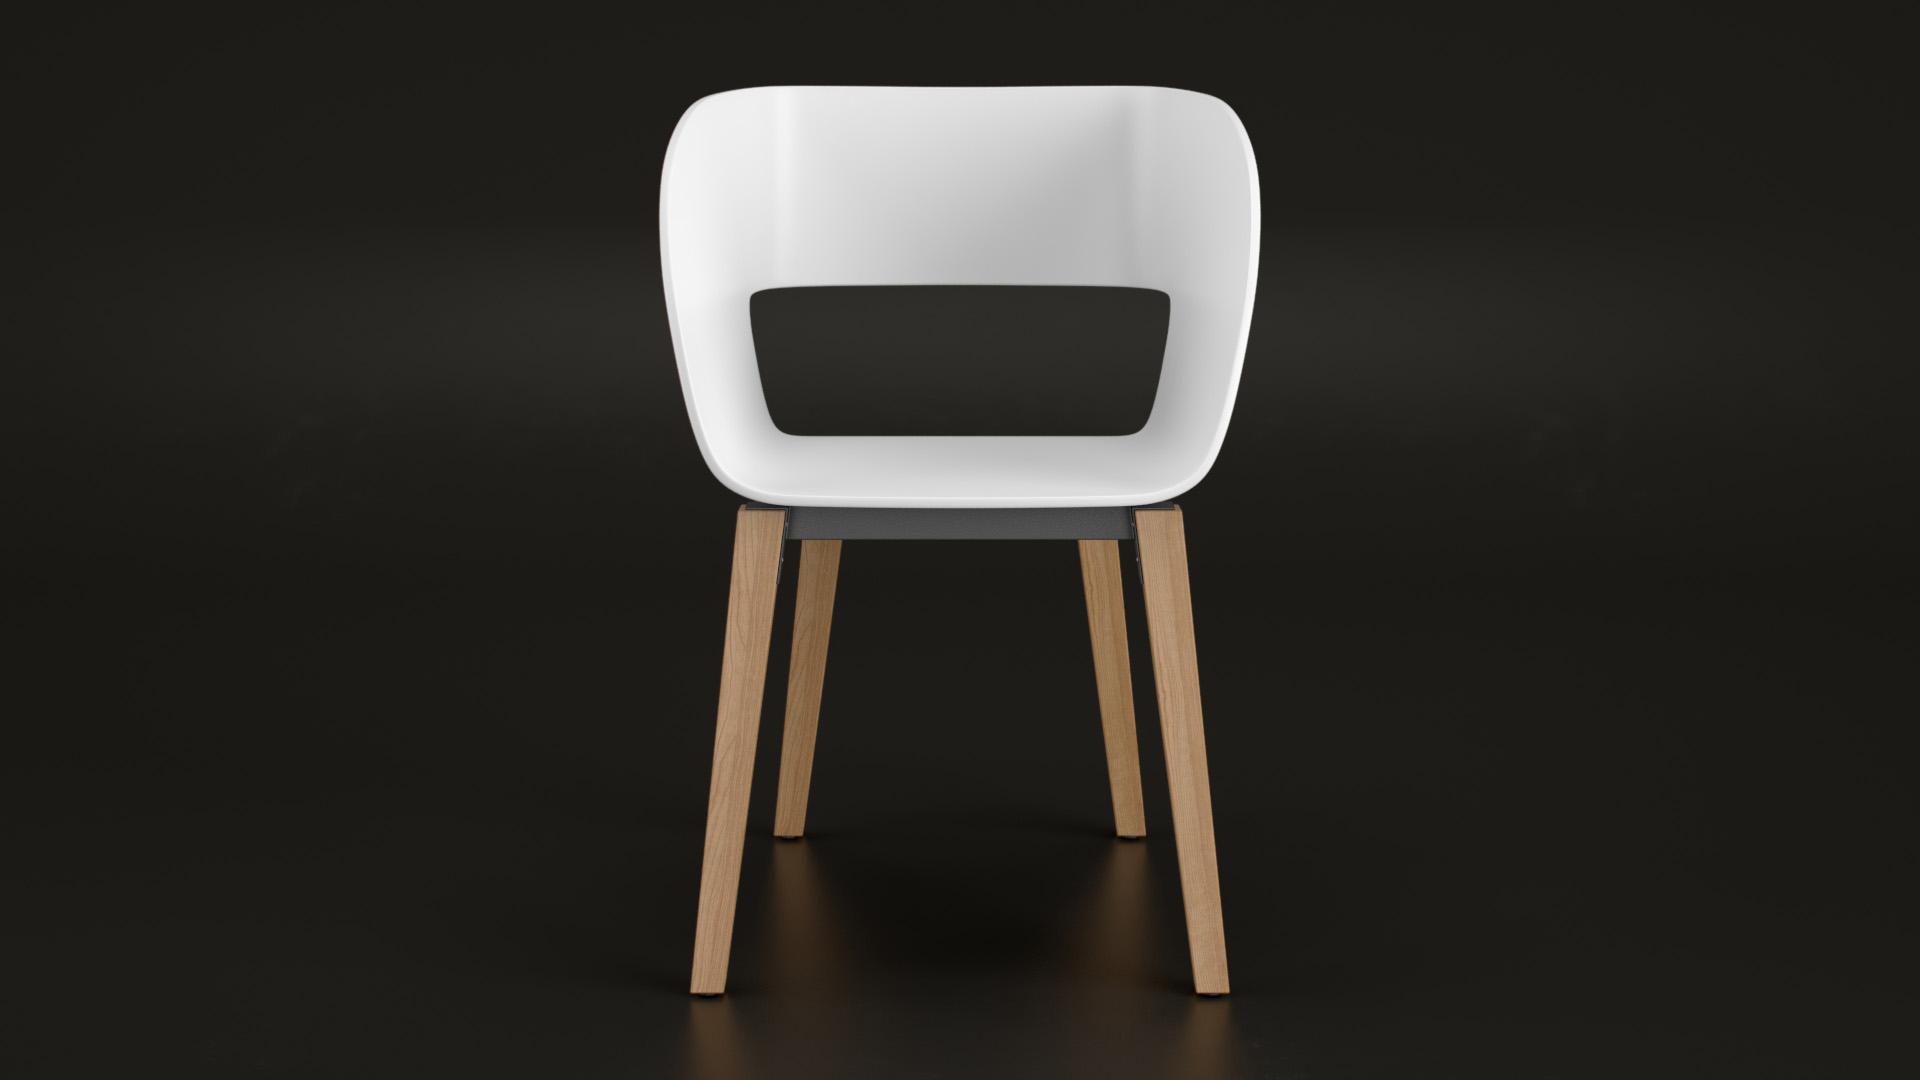 Tribu_Vintage_Chair_TeakLegs_BlackSet_01_V1.01_0001